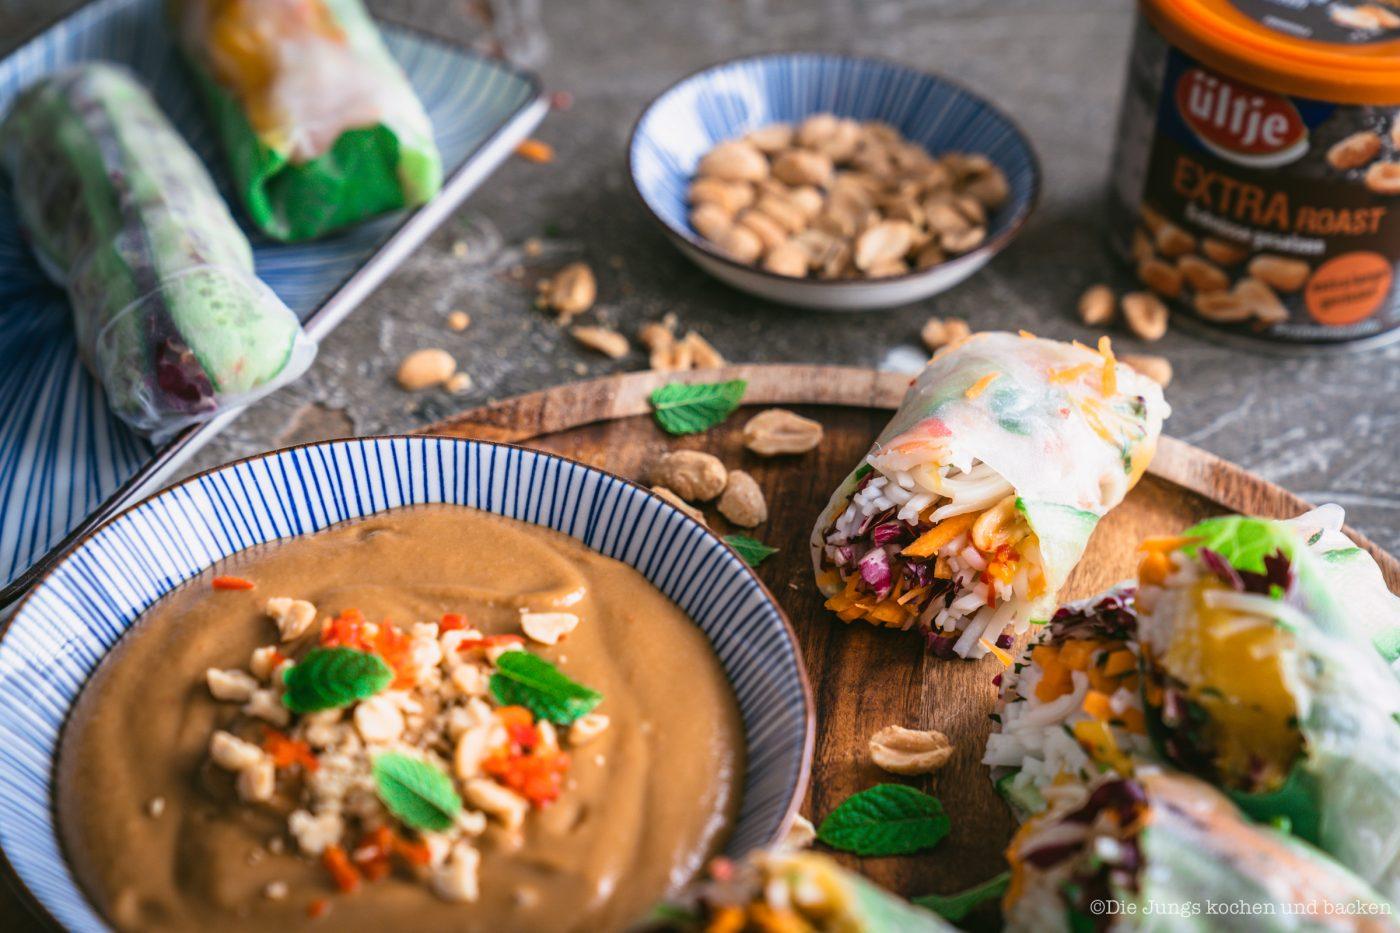 Summer Roll ültje 21 | Wir zelebrieren den Tag der Erdnuss! Was darf bei einer ordentlichen Party nie fehlen? Eine standesgemäße Torte natürlich - in diesem Fall eine Apfel-Erdnuss-Torte. Gemeinsam mit unserem Partnerültjeladen wir euch ein, mitzufeiern, denn die Erdnuss ist jede Party wert. Die Erdnuss gepaart mit Apfel gibt eine wunderbar fruchtige Kombination, die mit einem italienischen Biskuit und einer leichten Buttercreme einfach unwiderstehlich lecker ist.